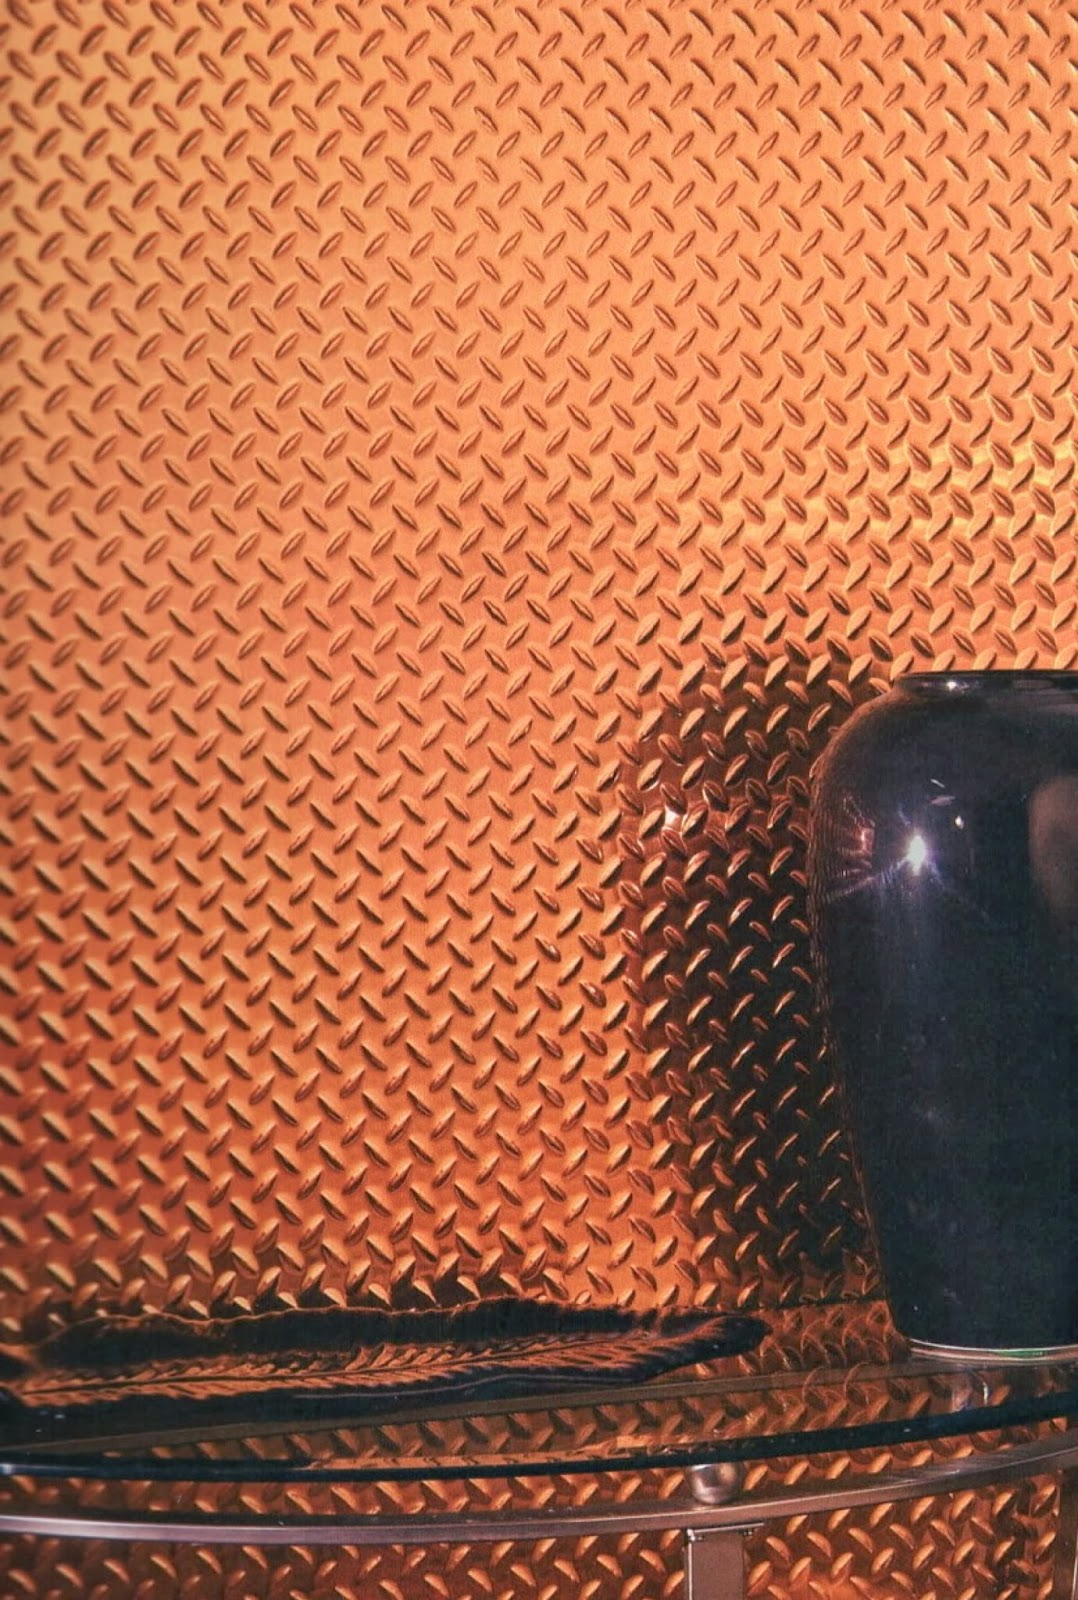 Copper Diamond Plate Plastic Sheets & Copper Diamond Plate Plastic Sheets | Chrome Diamond Plate Plastic ...